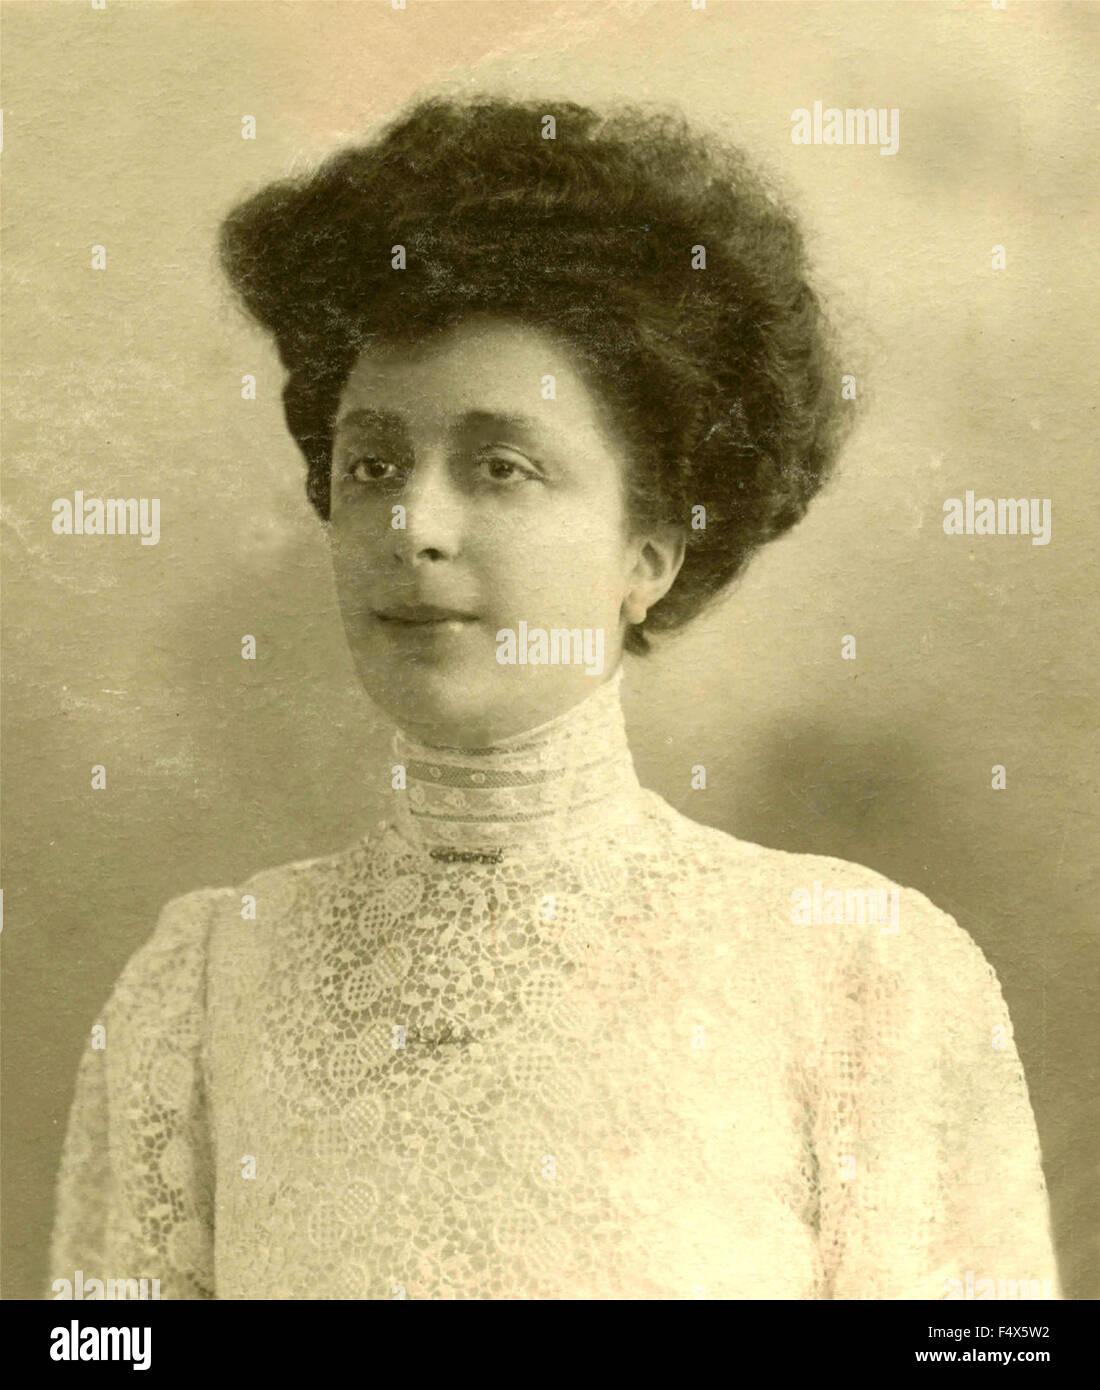 Ritratto di una donna con un bianco Abito in pizzo con colletto alto ... 4c45f6df136